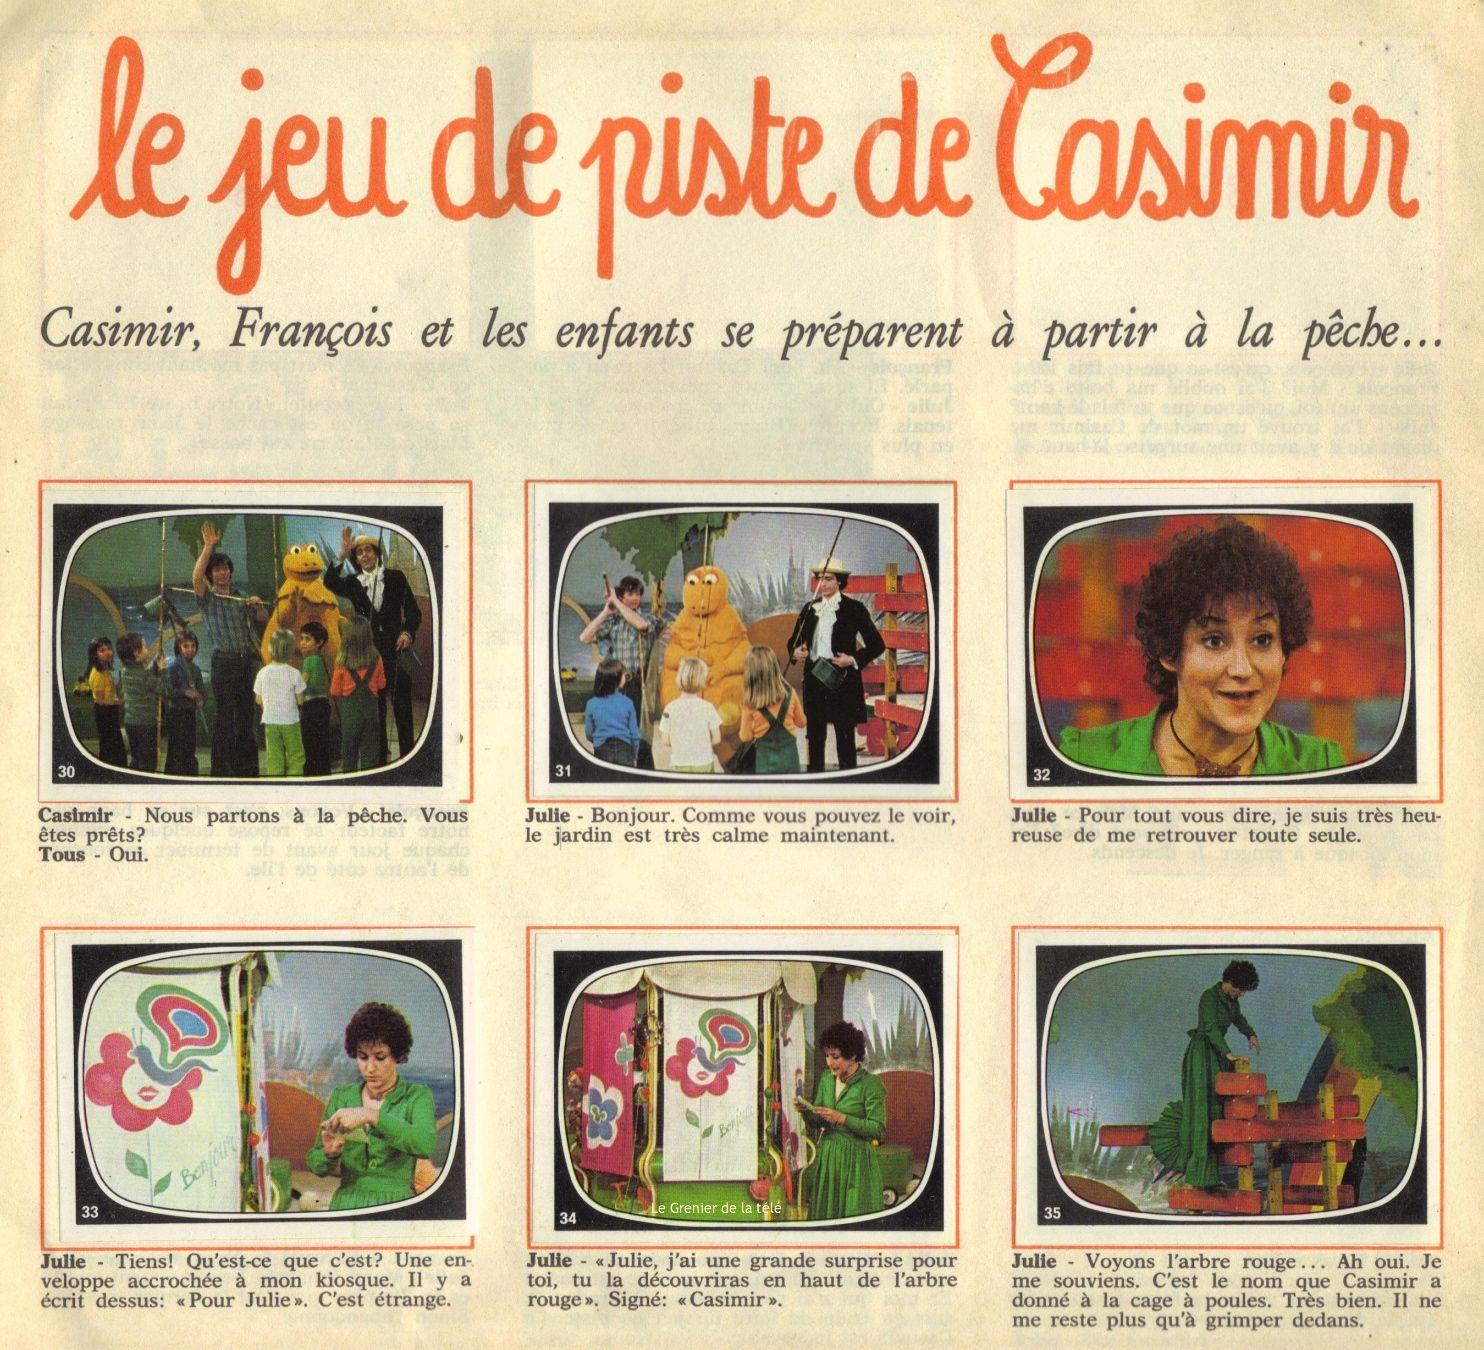 http://grenierdelatv.free.fr/2/casimirpanini07.jpg